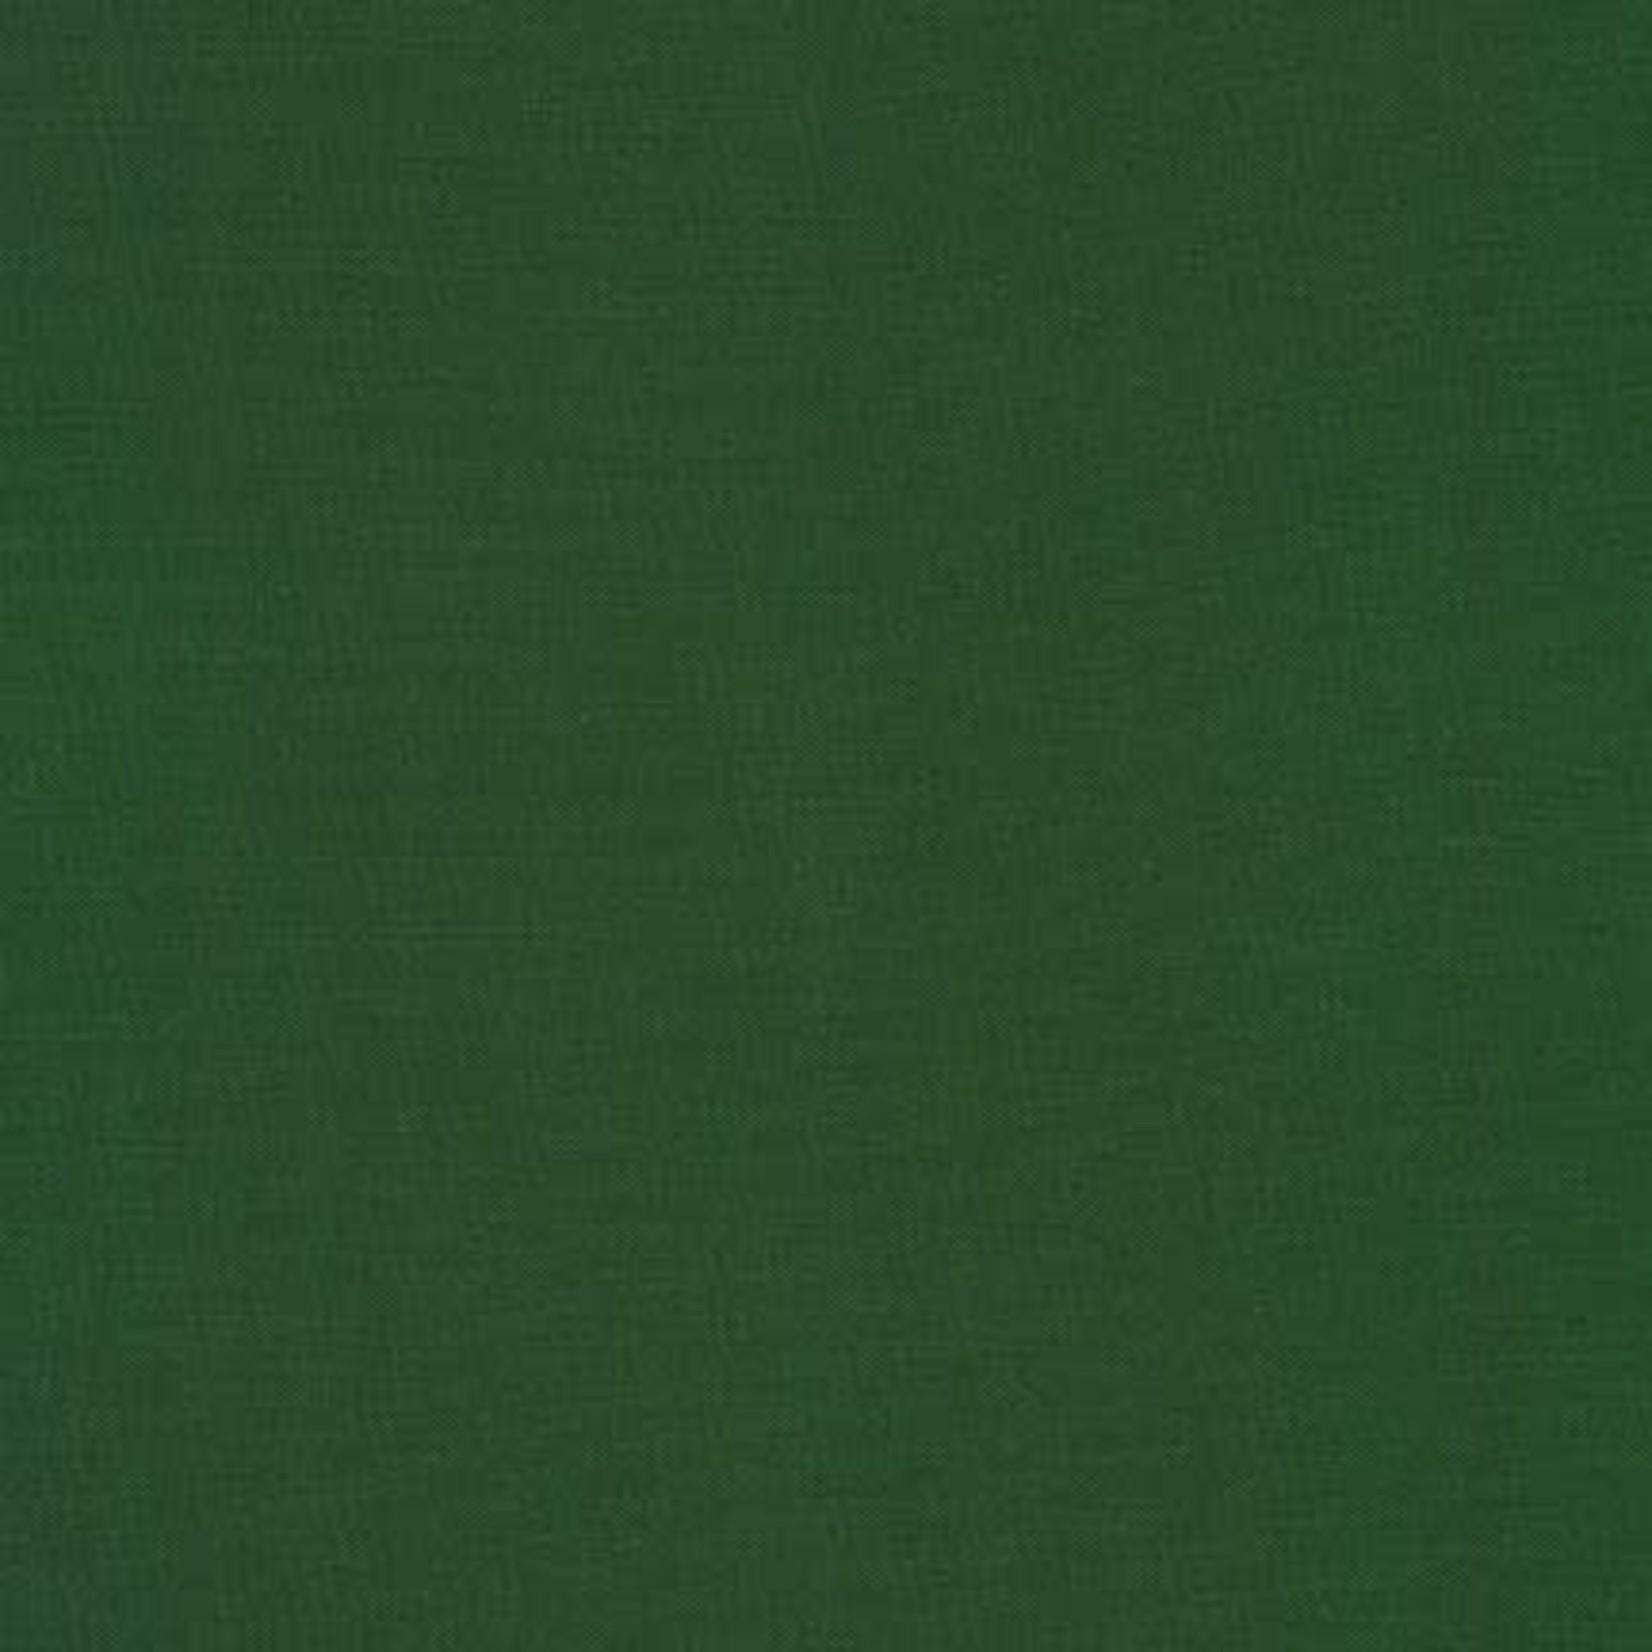 KONA KONA  K001-409 JUNIPER, PER CM OR $14/M